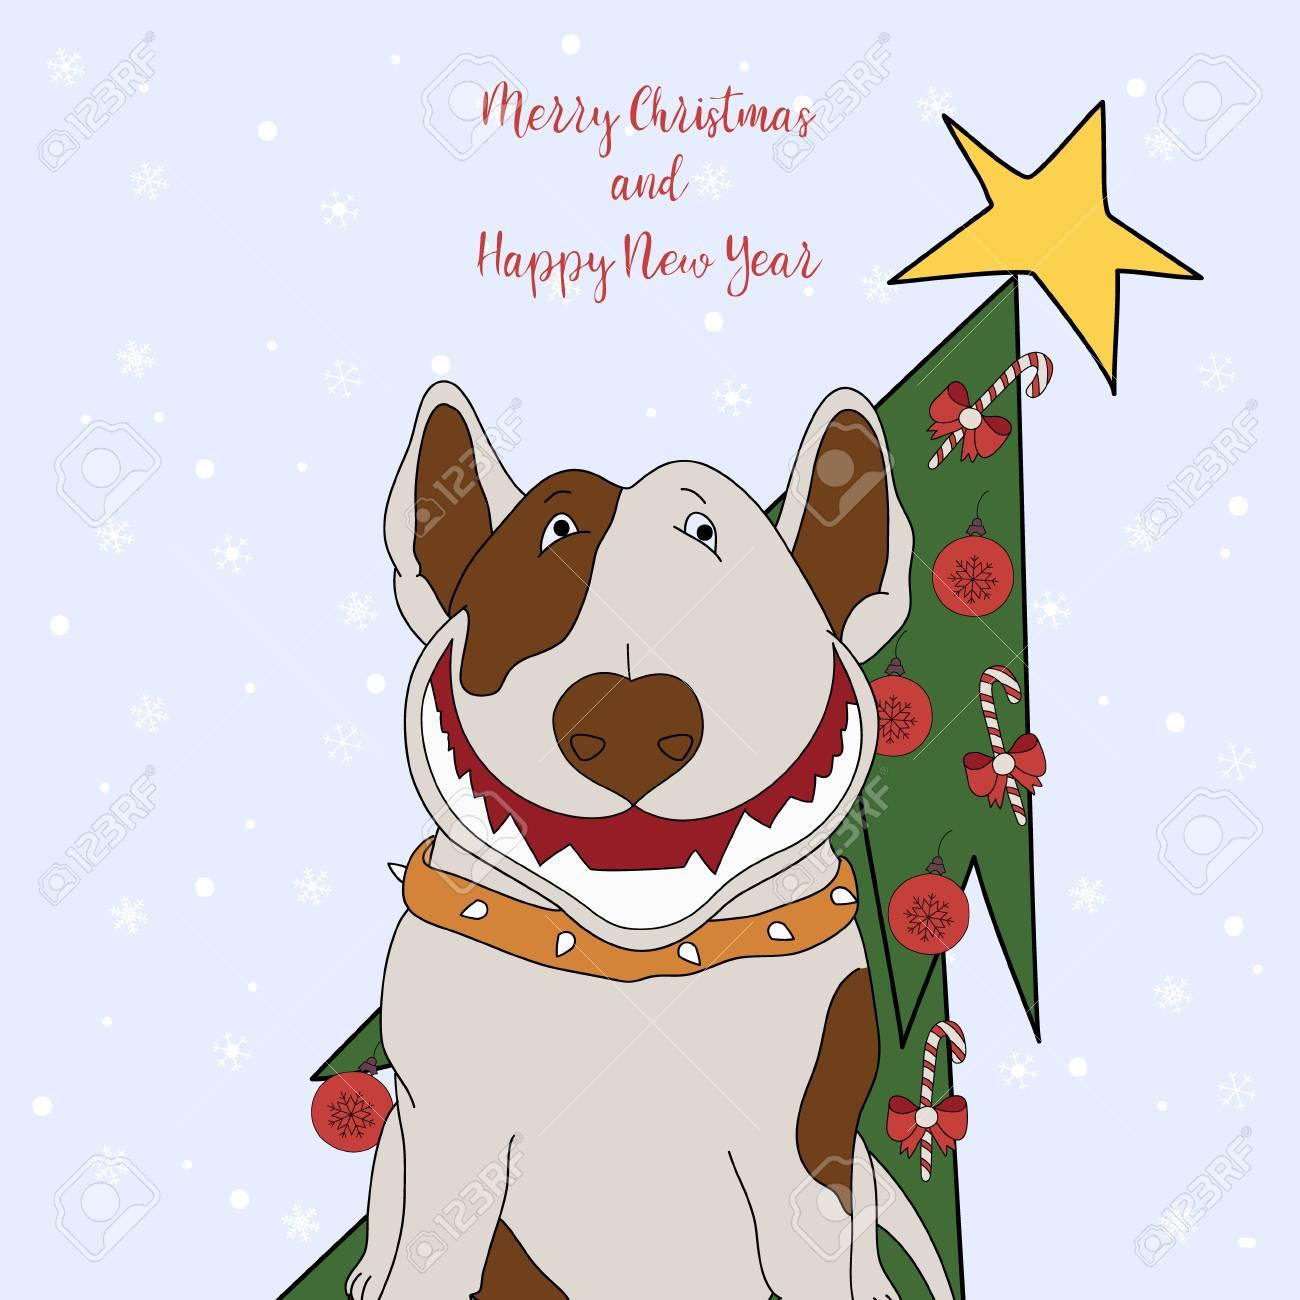 Joyeux Noel Et Bonne Annee Carte De Voeux De Dessin Anime Avec Un